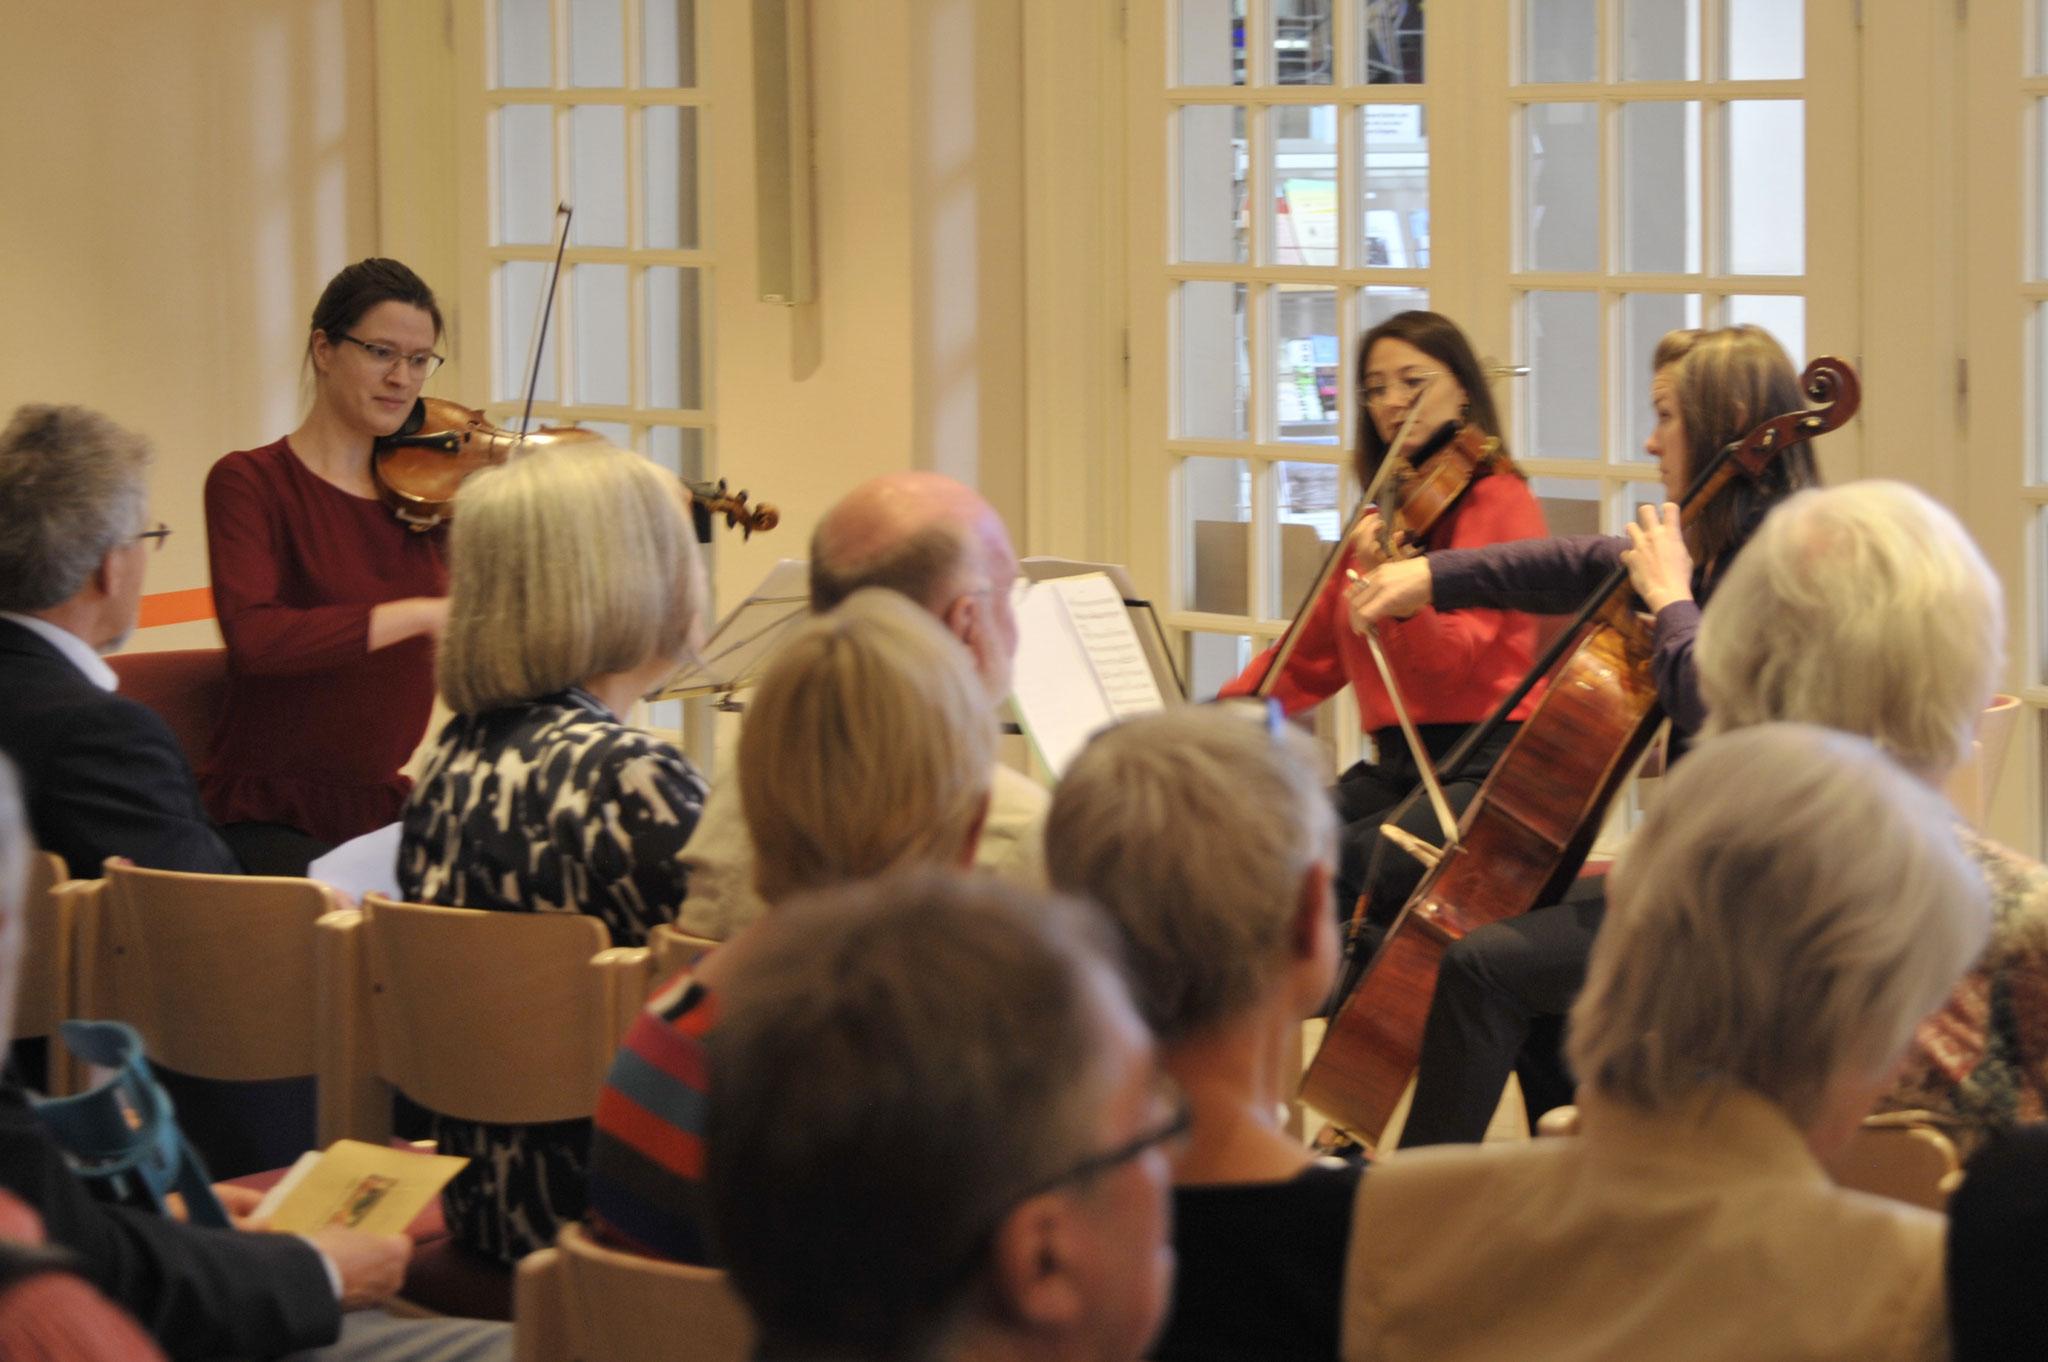 Streicherinnen der NDR-Radiophilharmonie spielten Wiener Klassik